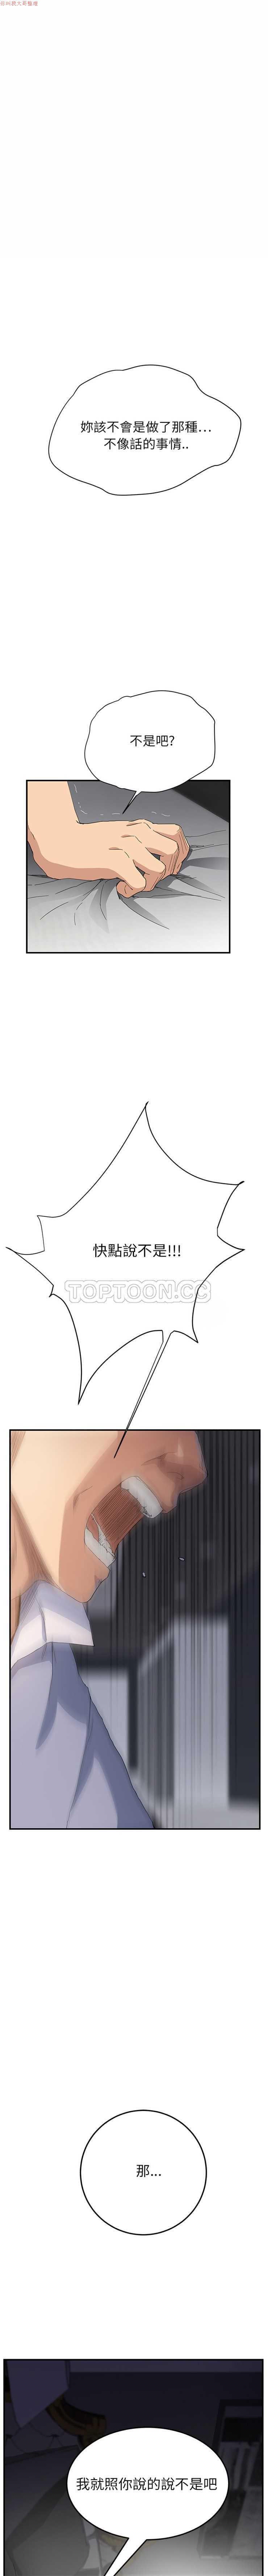 继母  Chinese 1-30 286